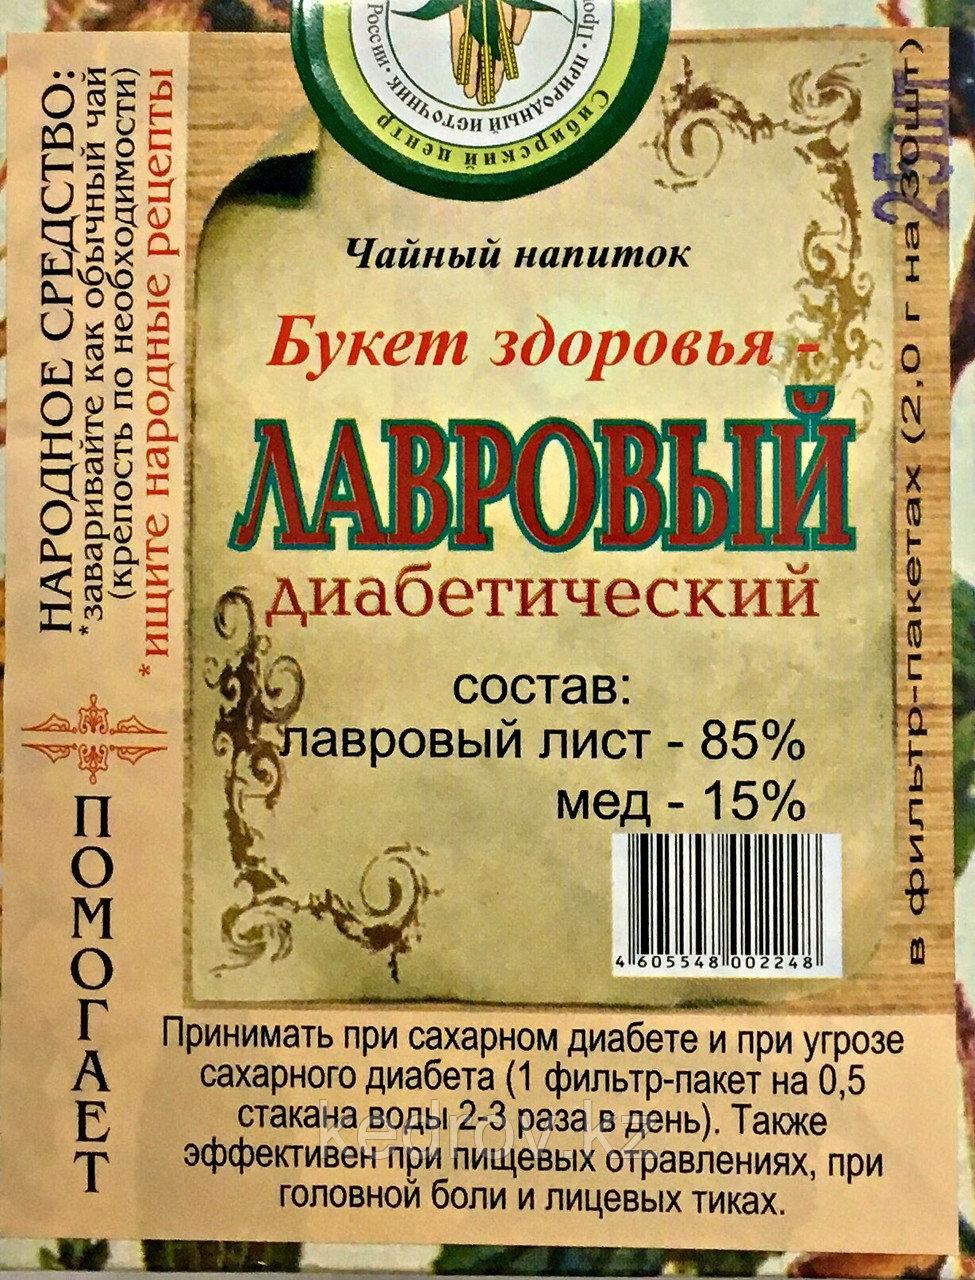 Народный Чай Лавровый диабетический, 50 гр (25 ф/п по 2,0г)  Букет здоровья